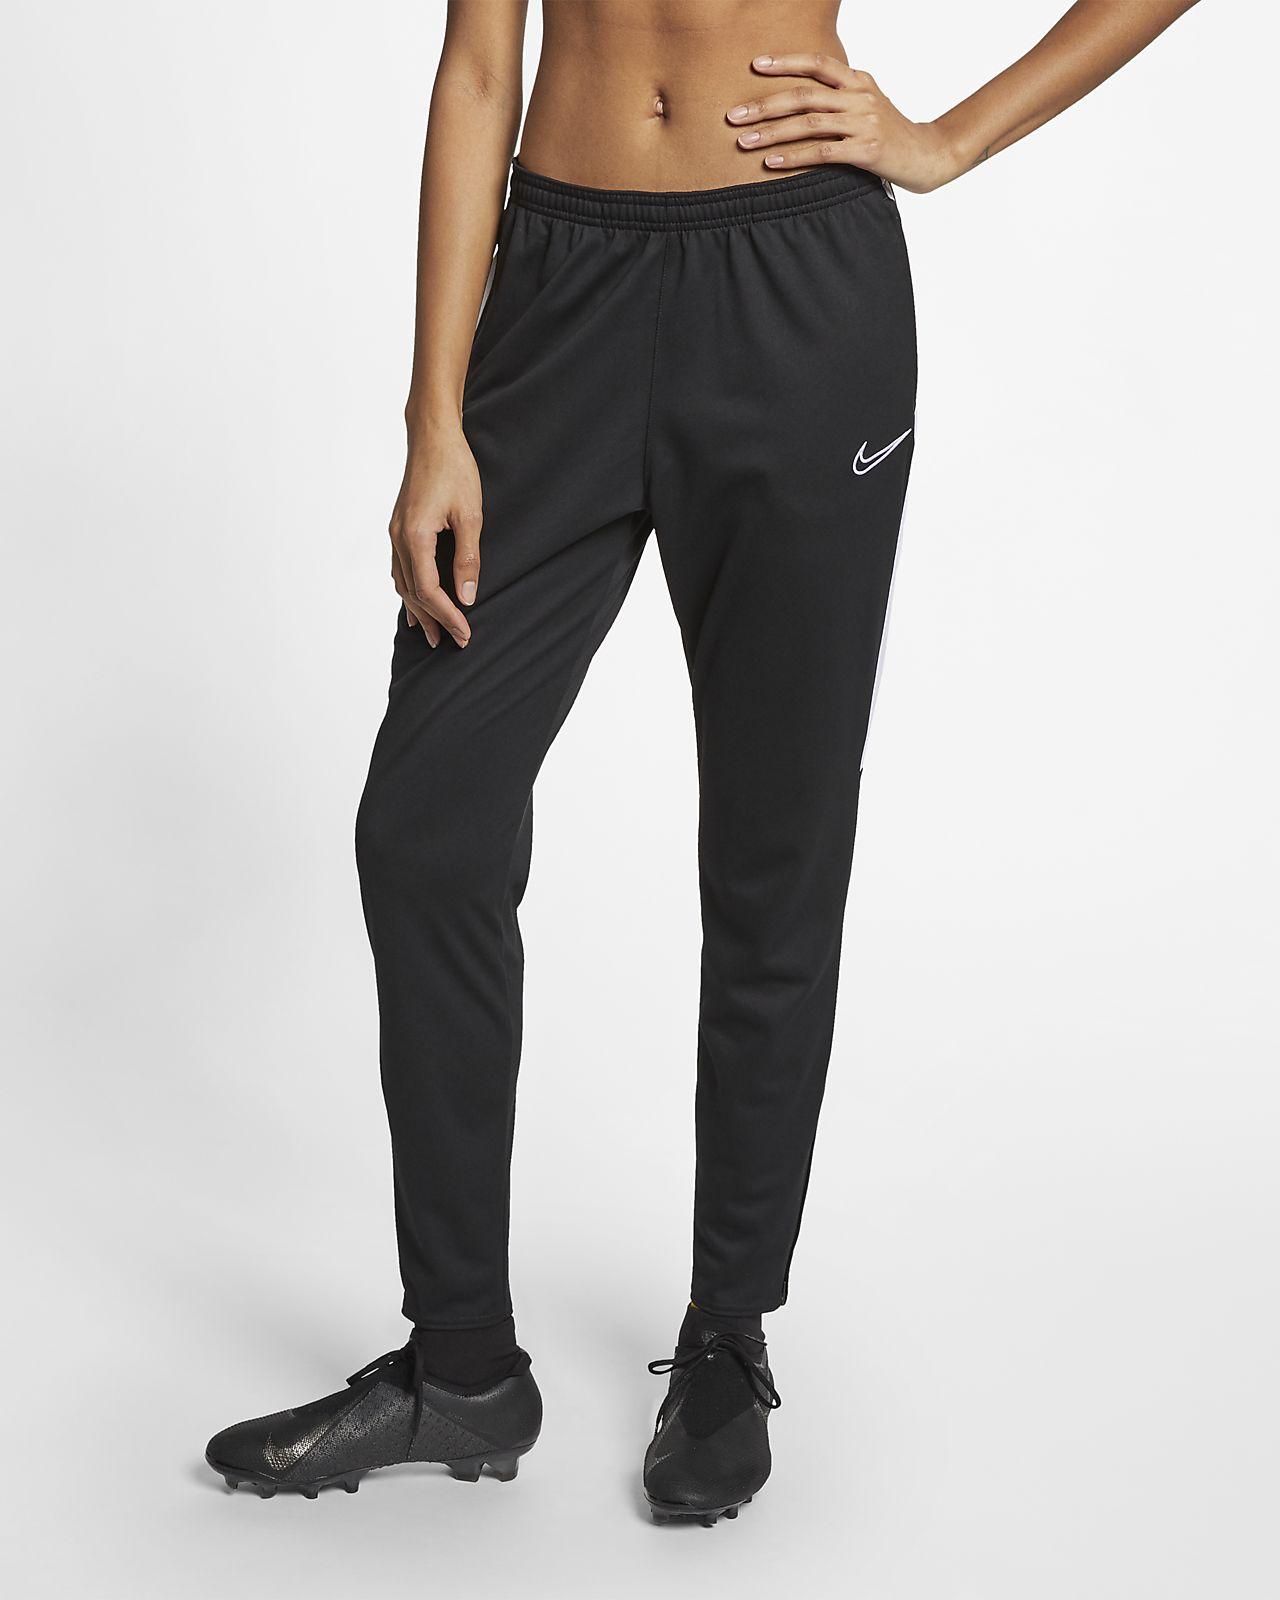 Γυναικείο ποδοσφαιρικό παντελόνι Nike Dri-FIT Academy